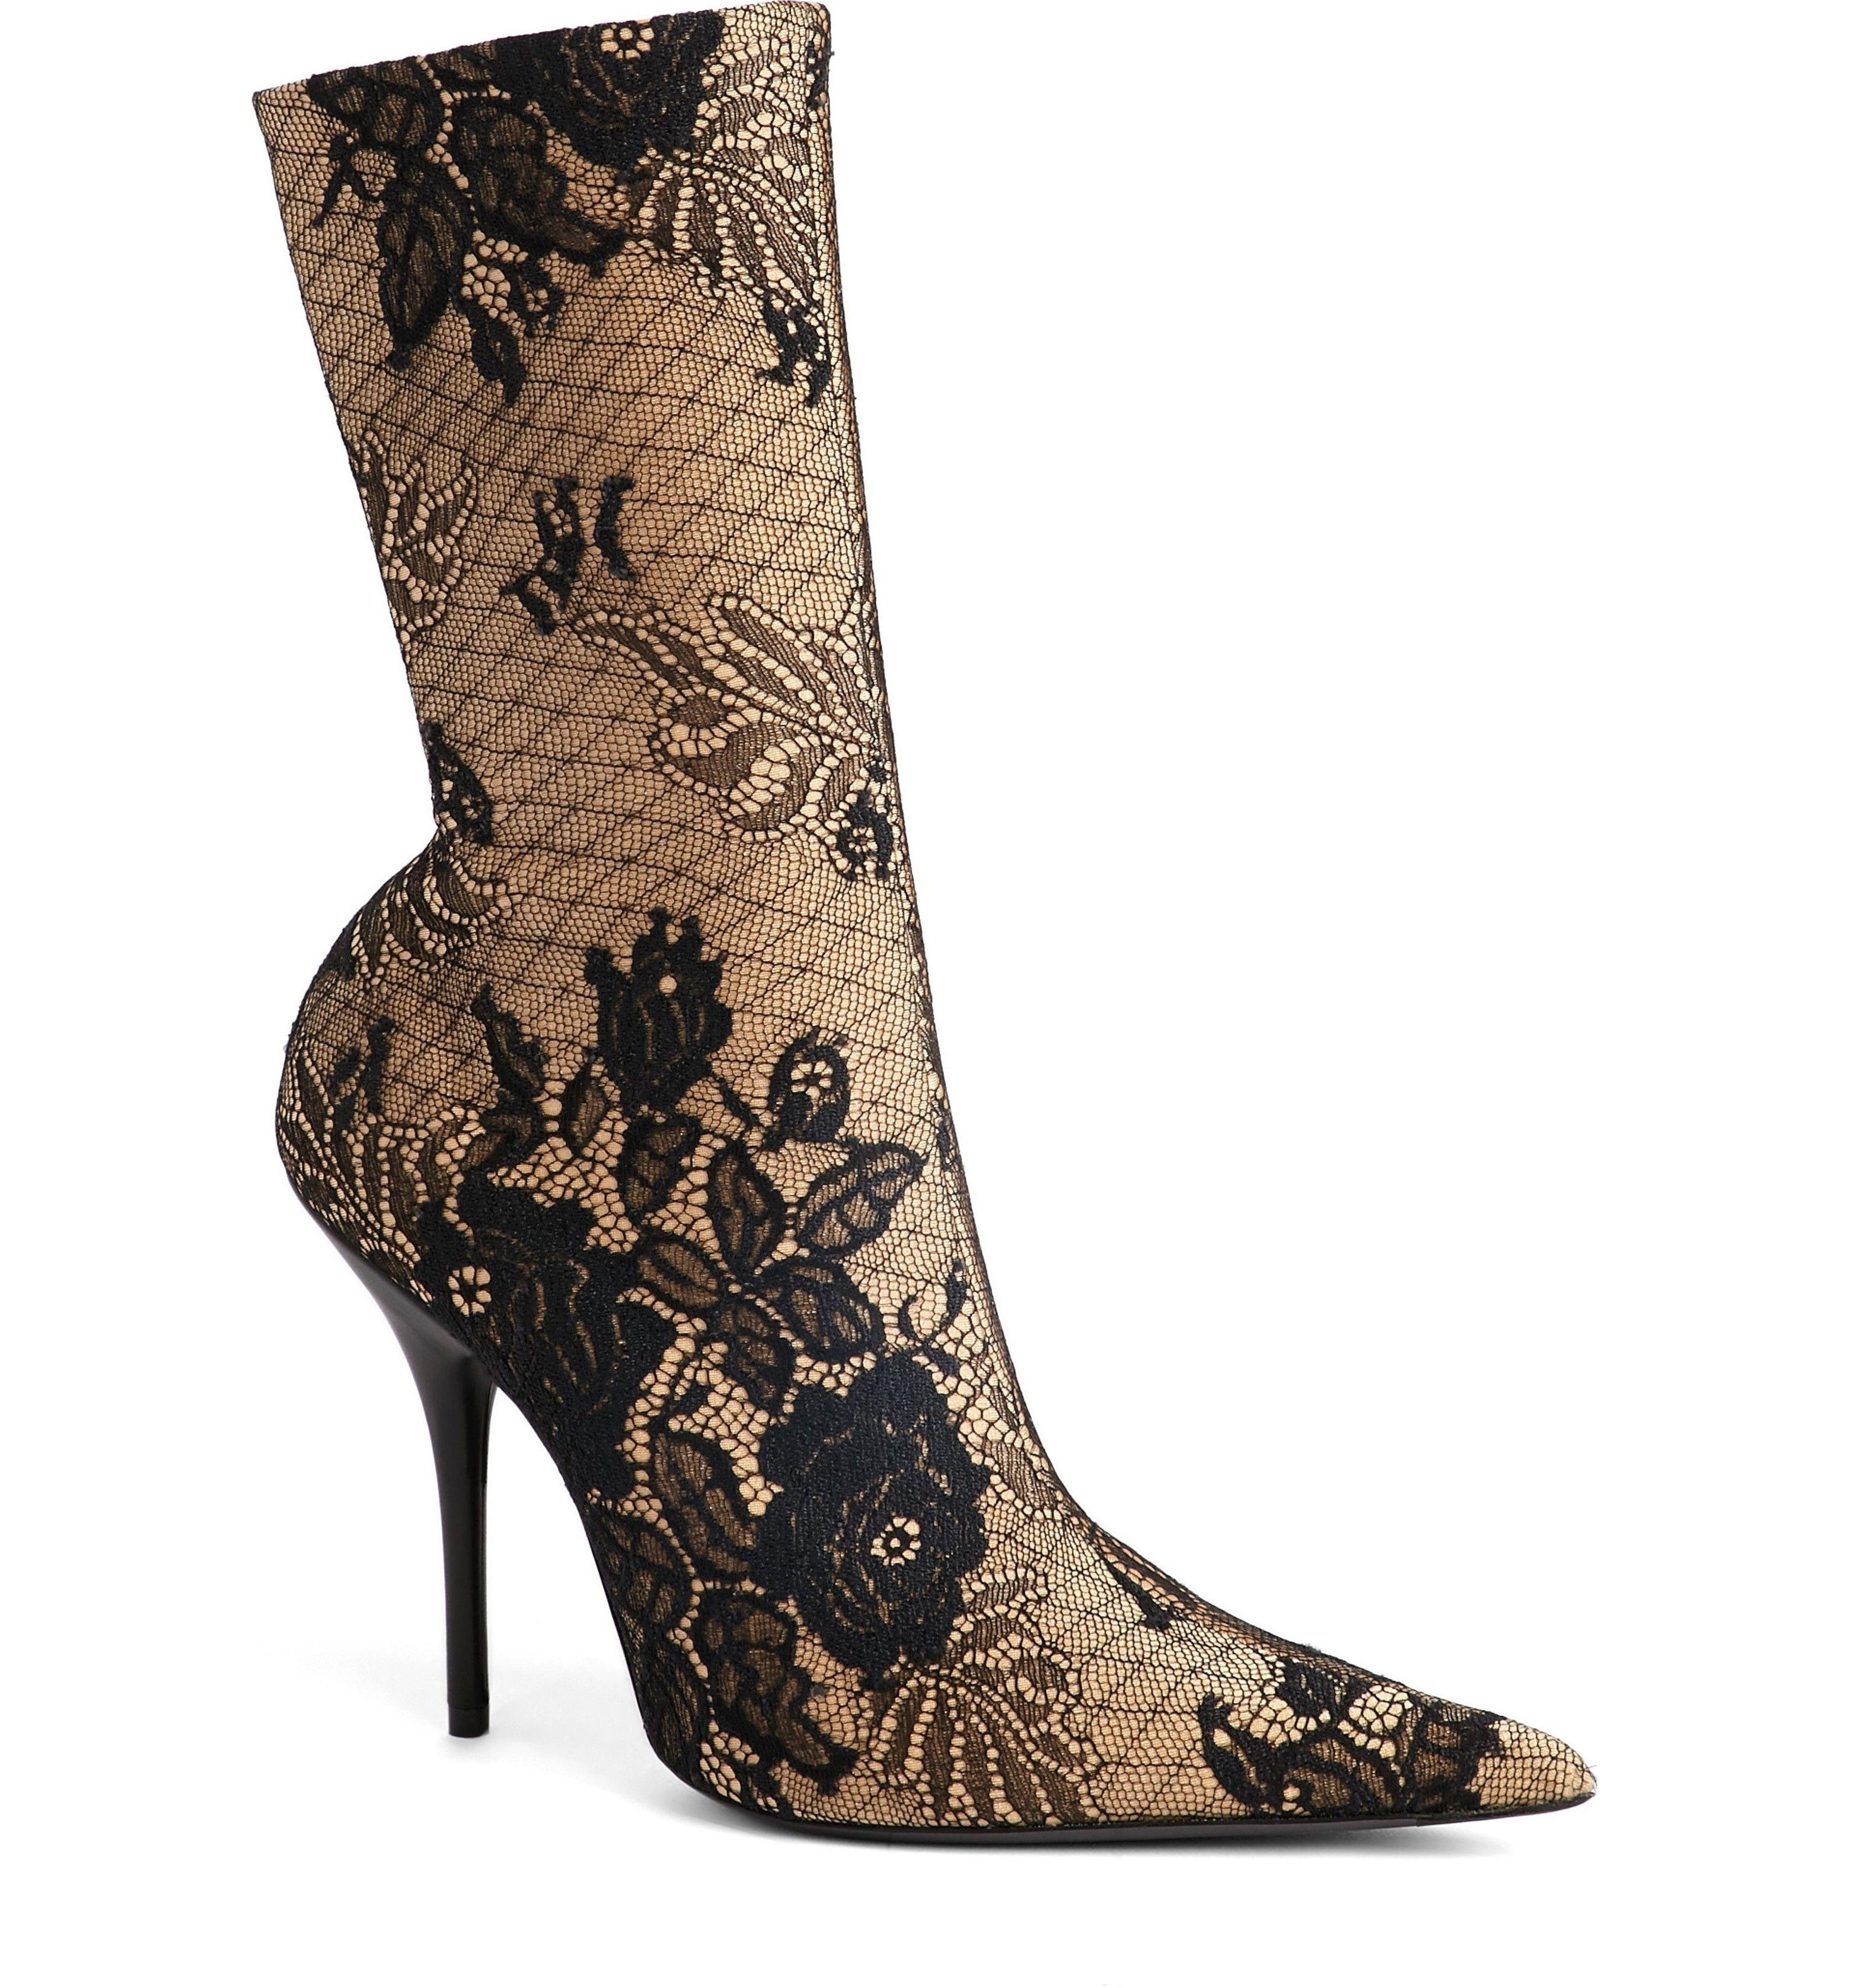 Balenciaga Women's Pointy Toe Bootie yaHBRc5Dn